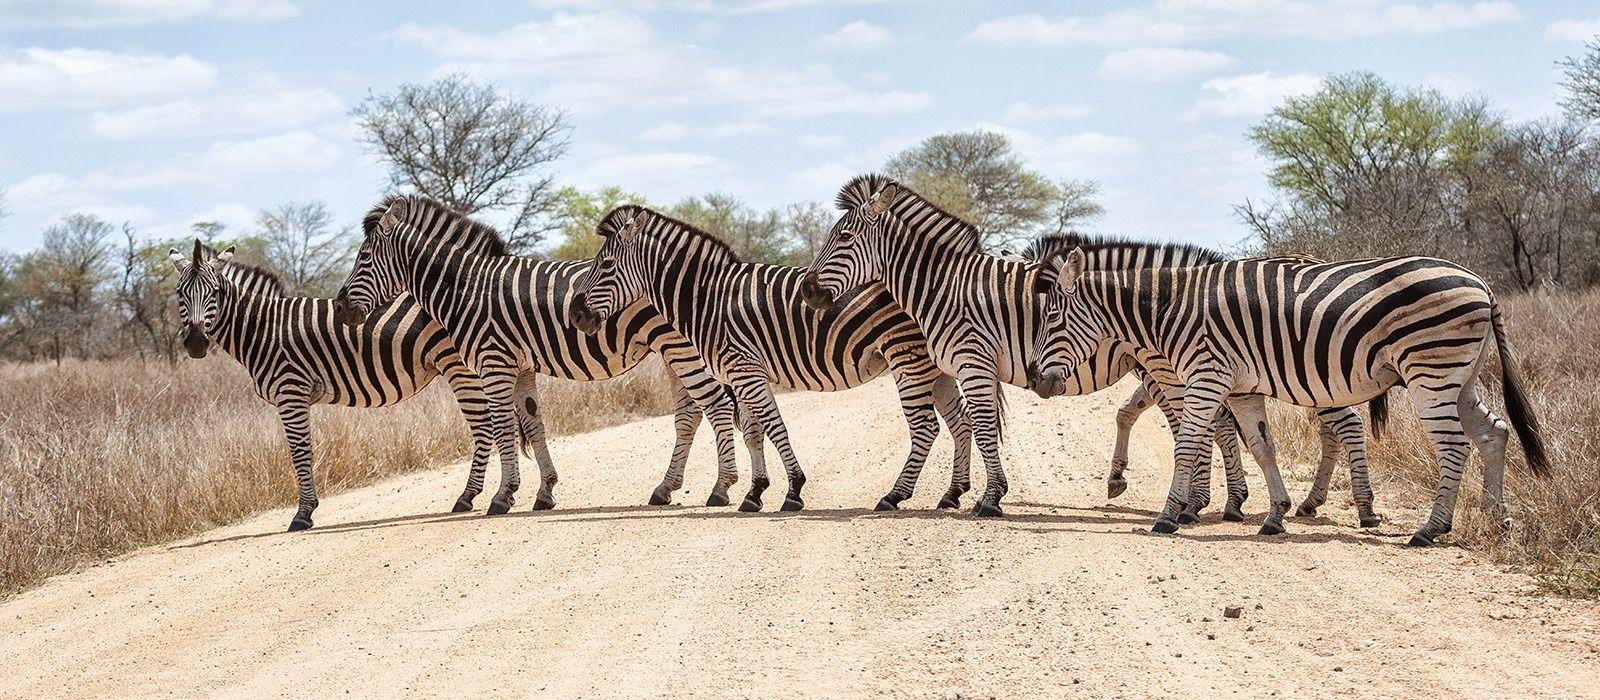 Safari & Traumstrände im südlichen Afrika Urlaub 2